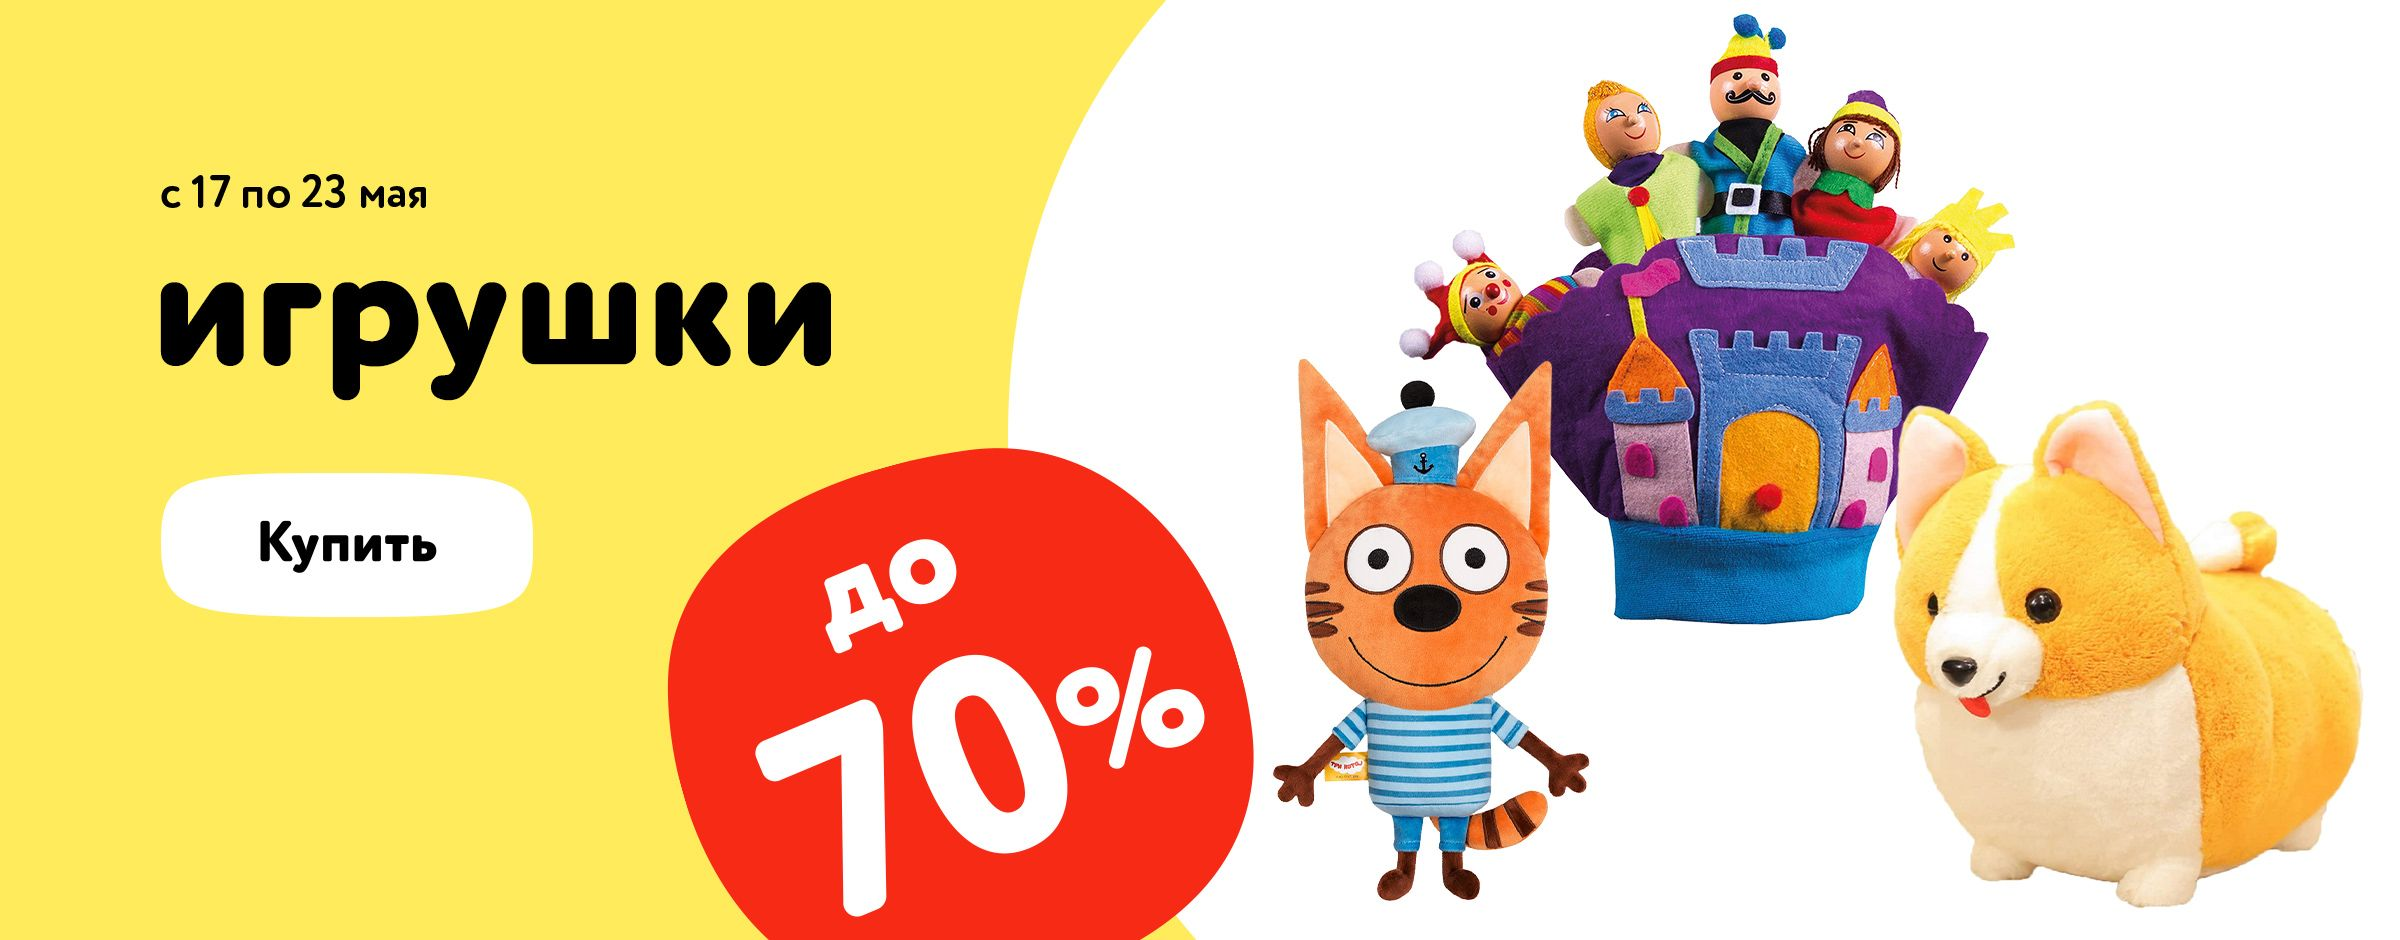 Распродажа игрушек